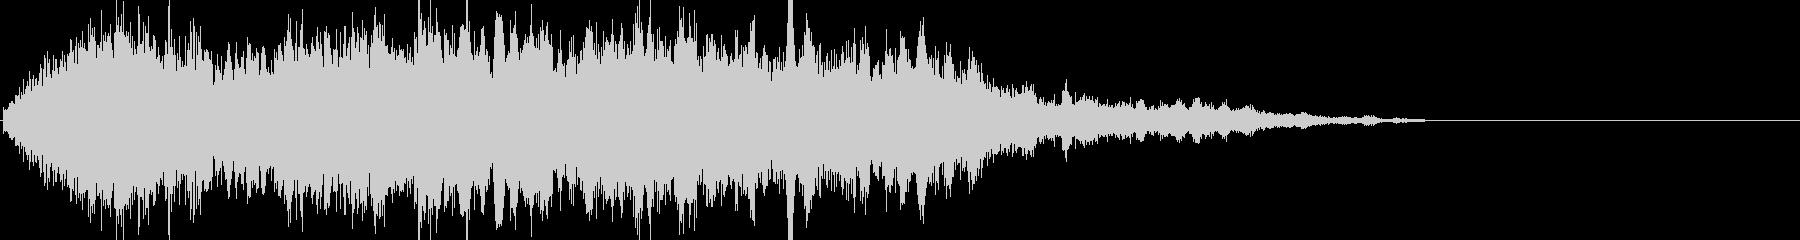 魔法05(攻撃・風・発動・飛ばす系)の未再生の波形